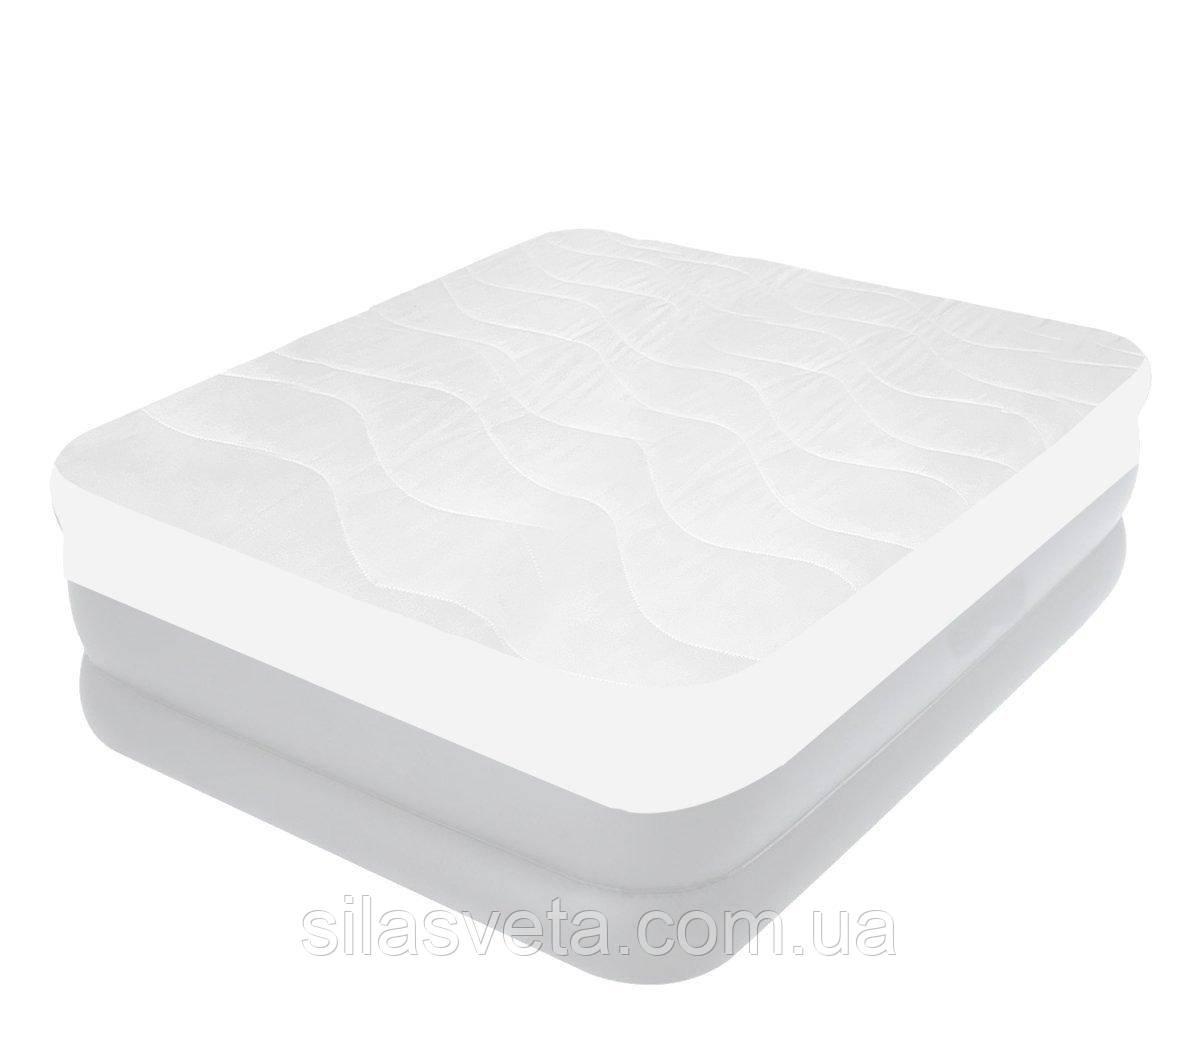 Чехол-наматрасник для двухспальной кровати Intex 69644 (160х200х30 см.)